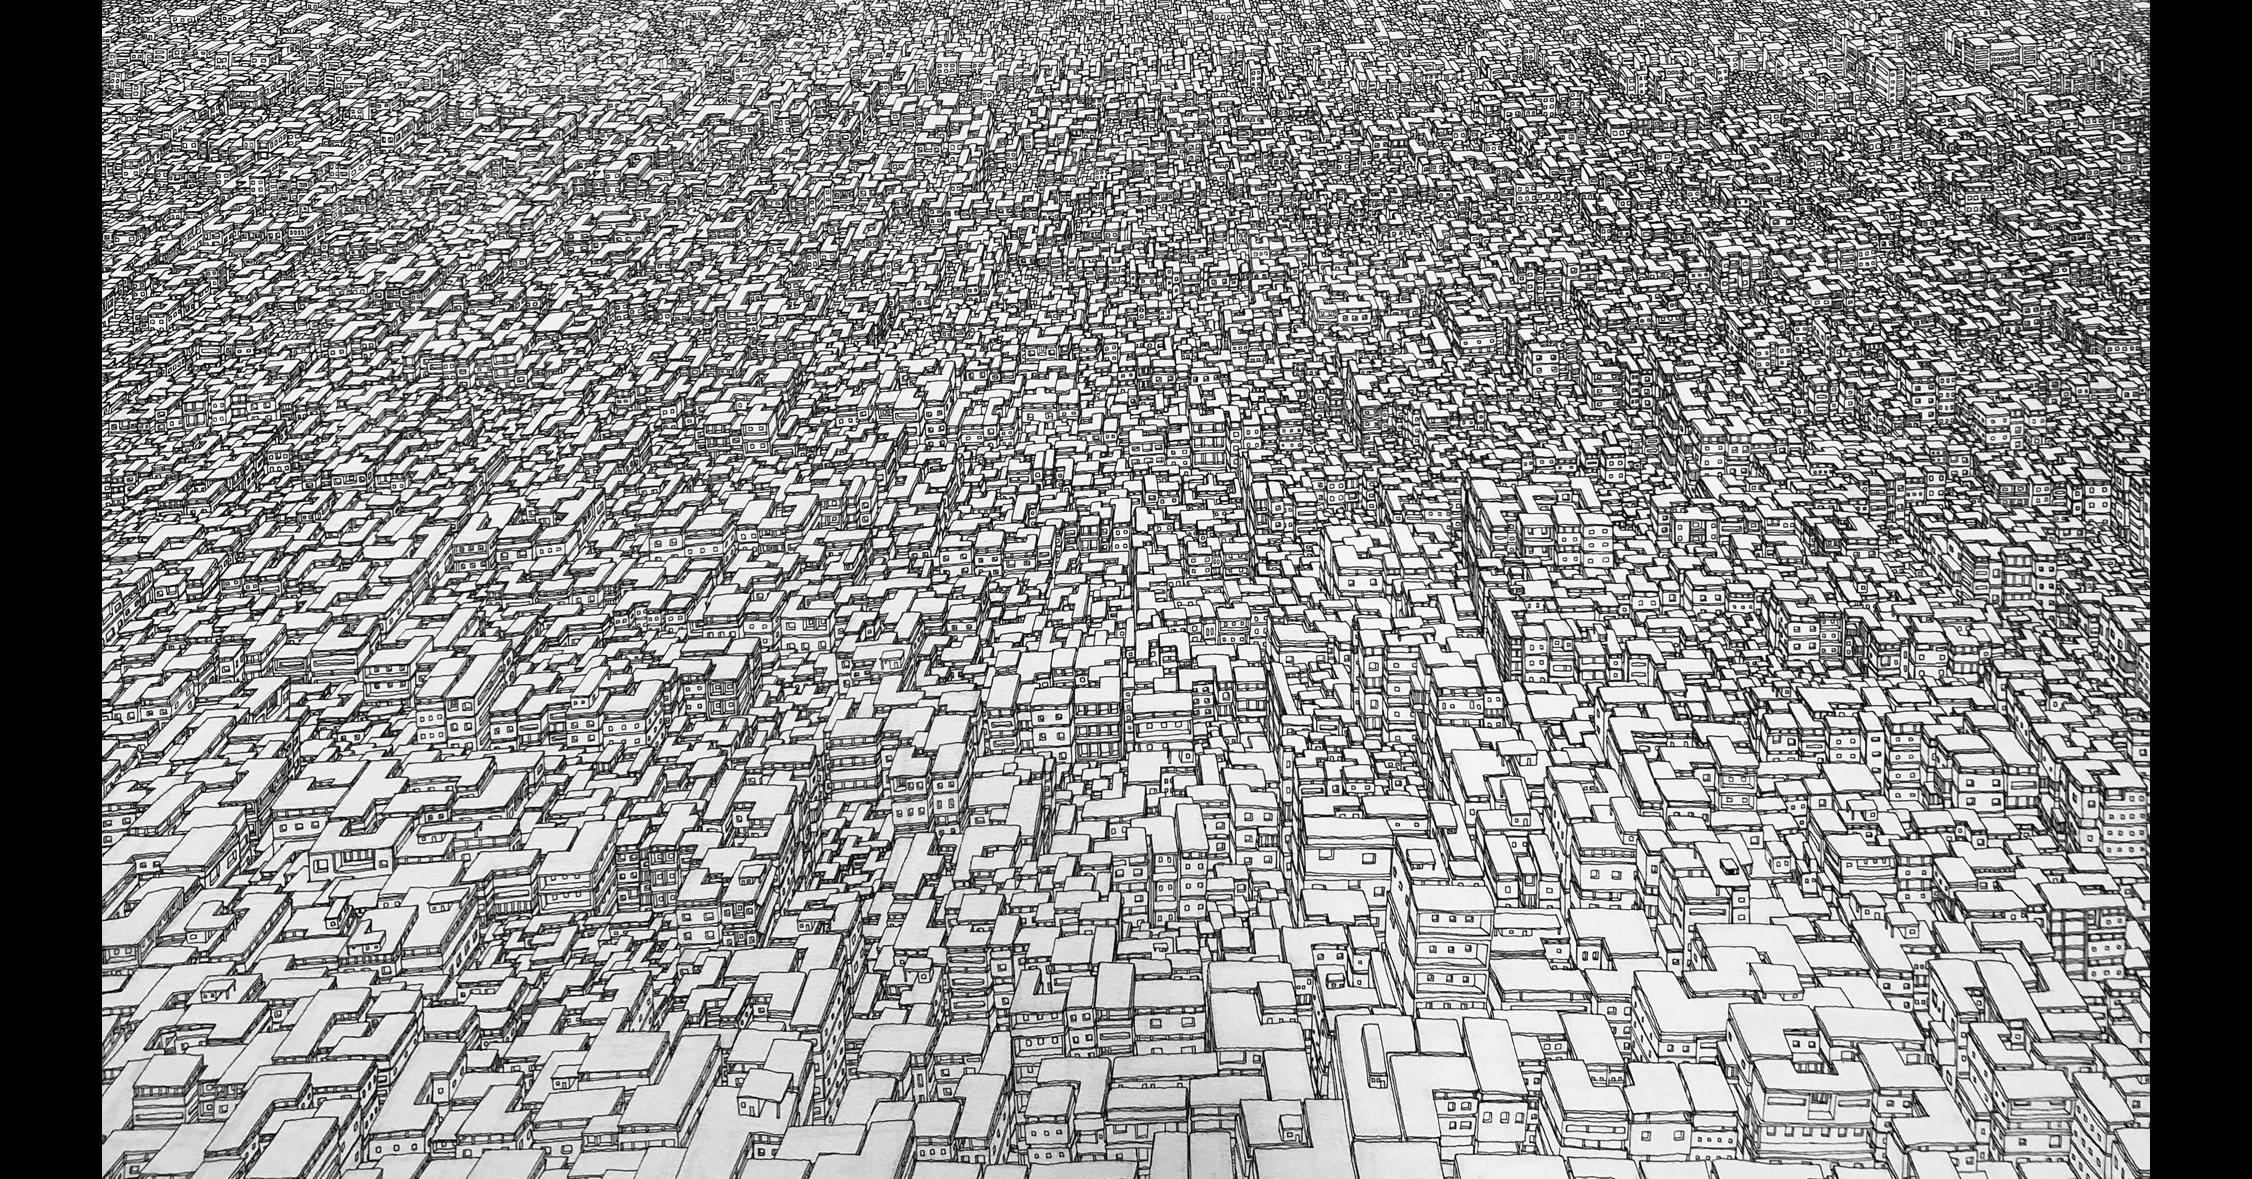 照片中包含了單色攝影、リラと戦禍の風、山水畫、黑白/ M、黑白-M